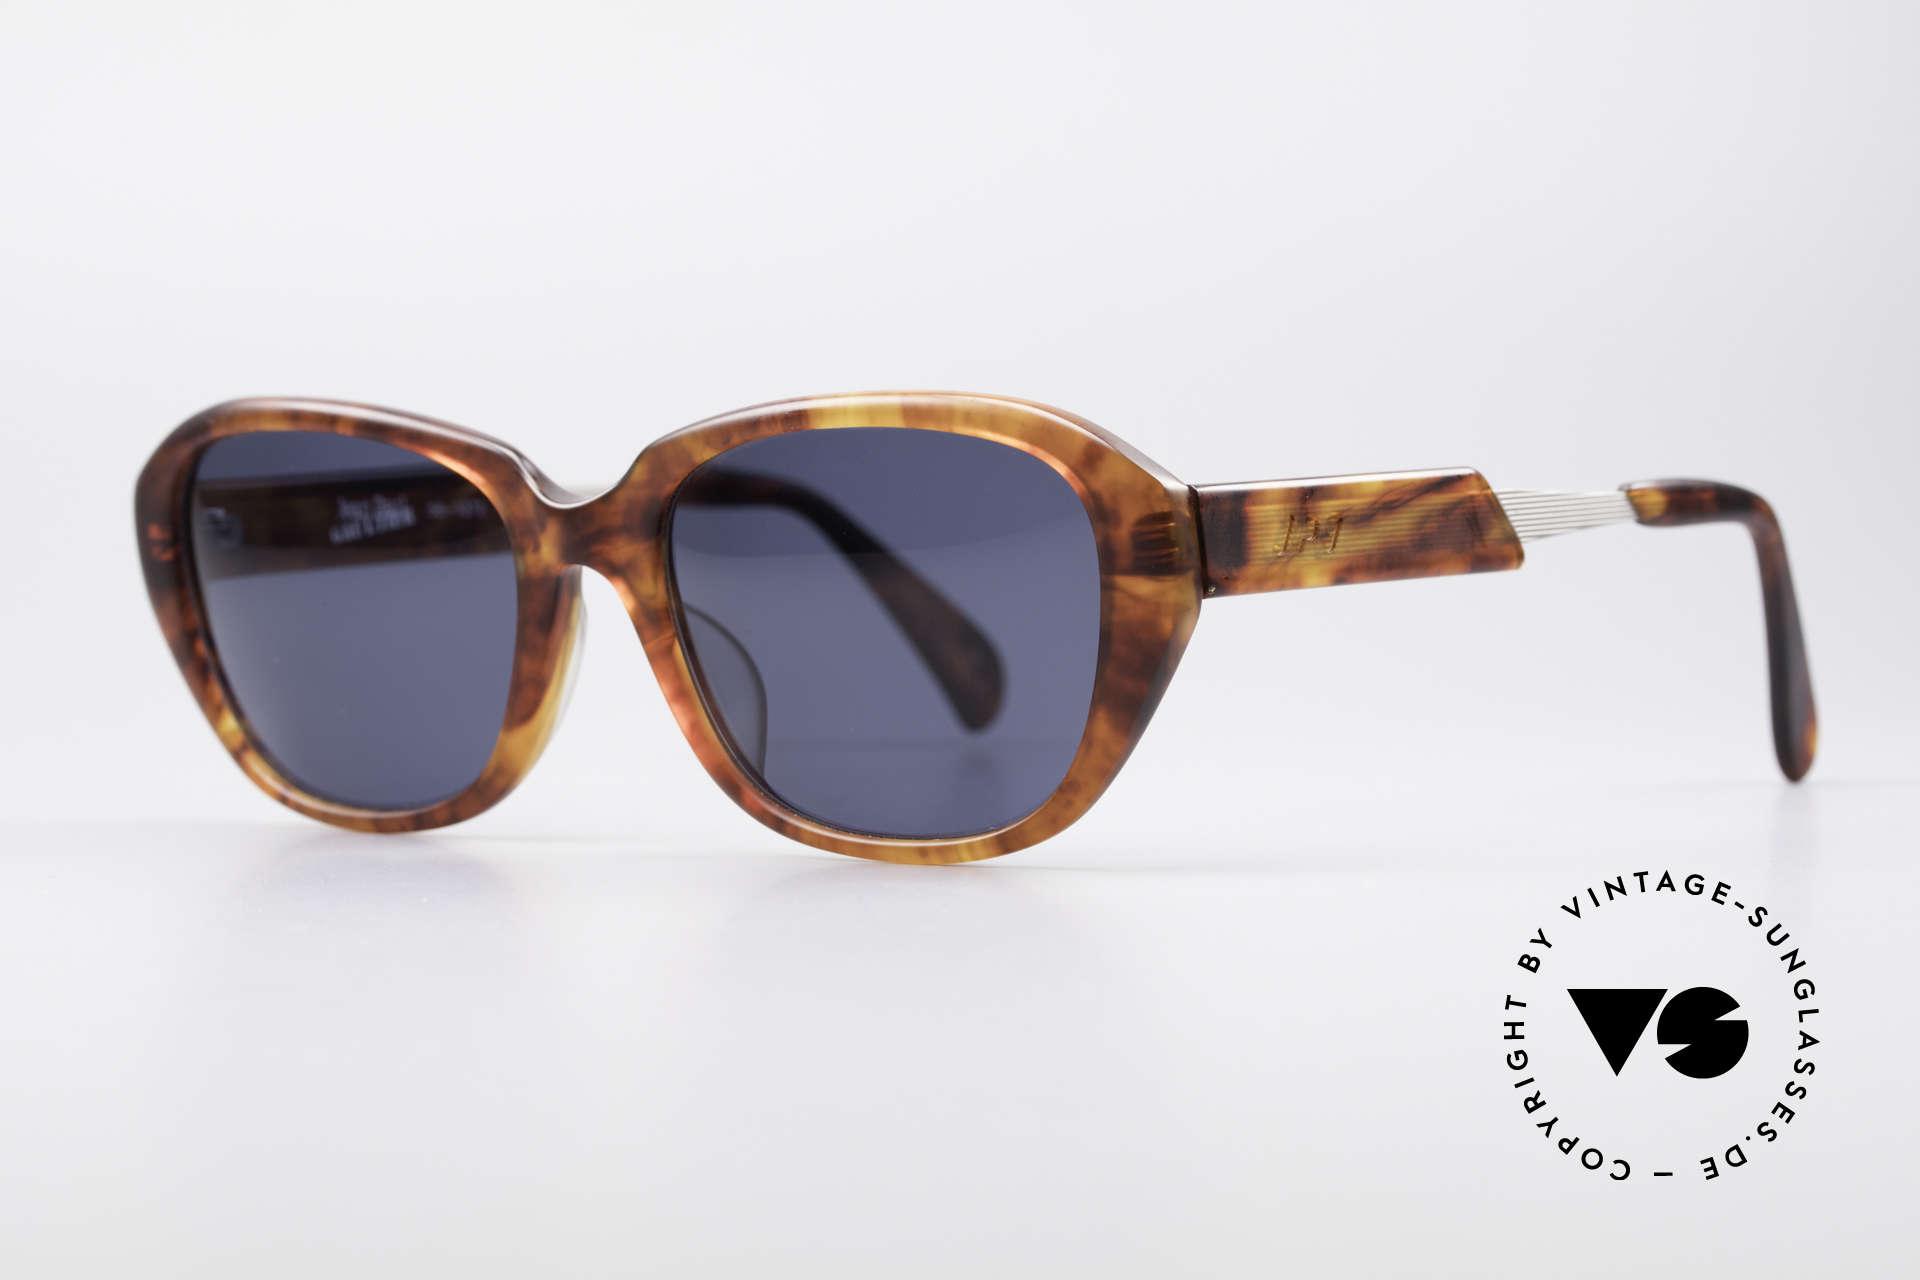 Jean Paul Gaultier 56-1072 JPG Designer Sonnenbrille, fühlbare Gaultier Spitzen-Qualität (made in Japan), Passend für Herren und Damen